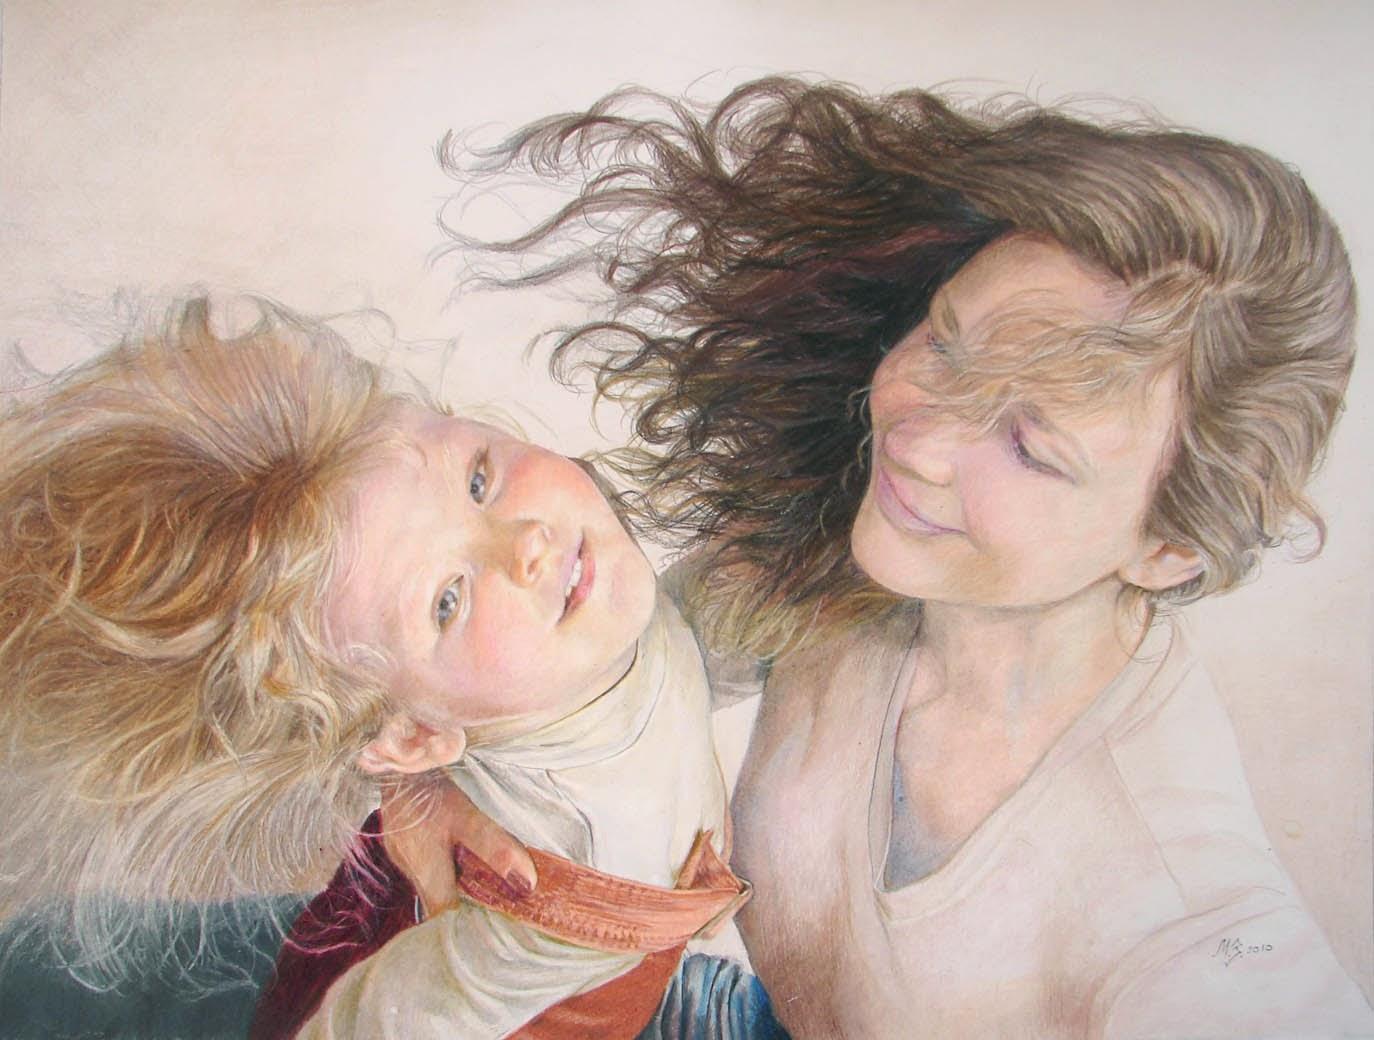 Фантазии мамы о сыне 18 фотография